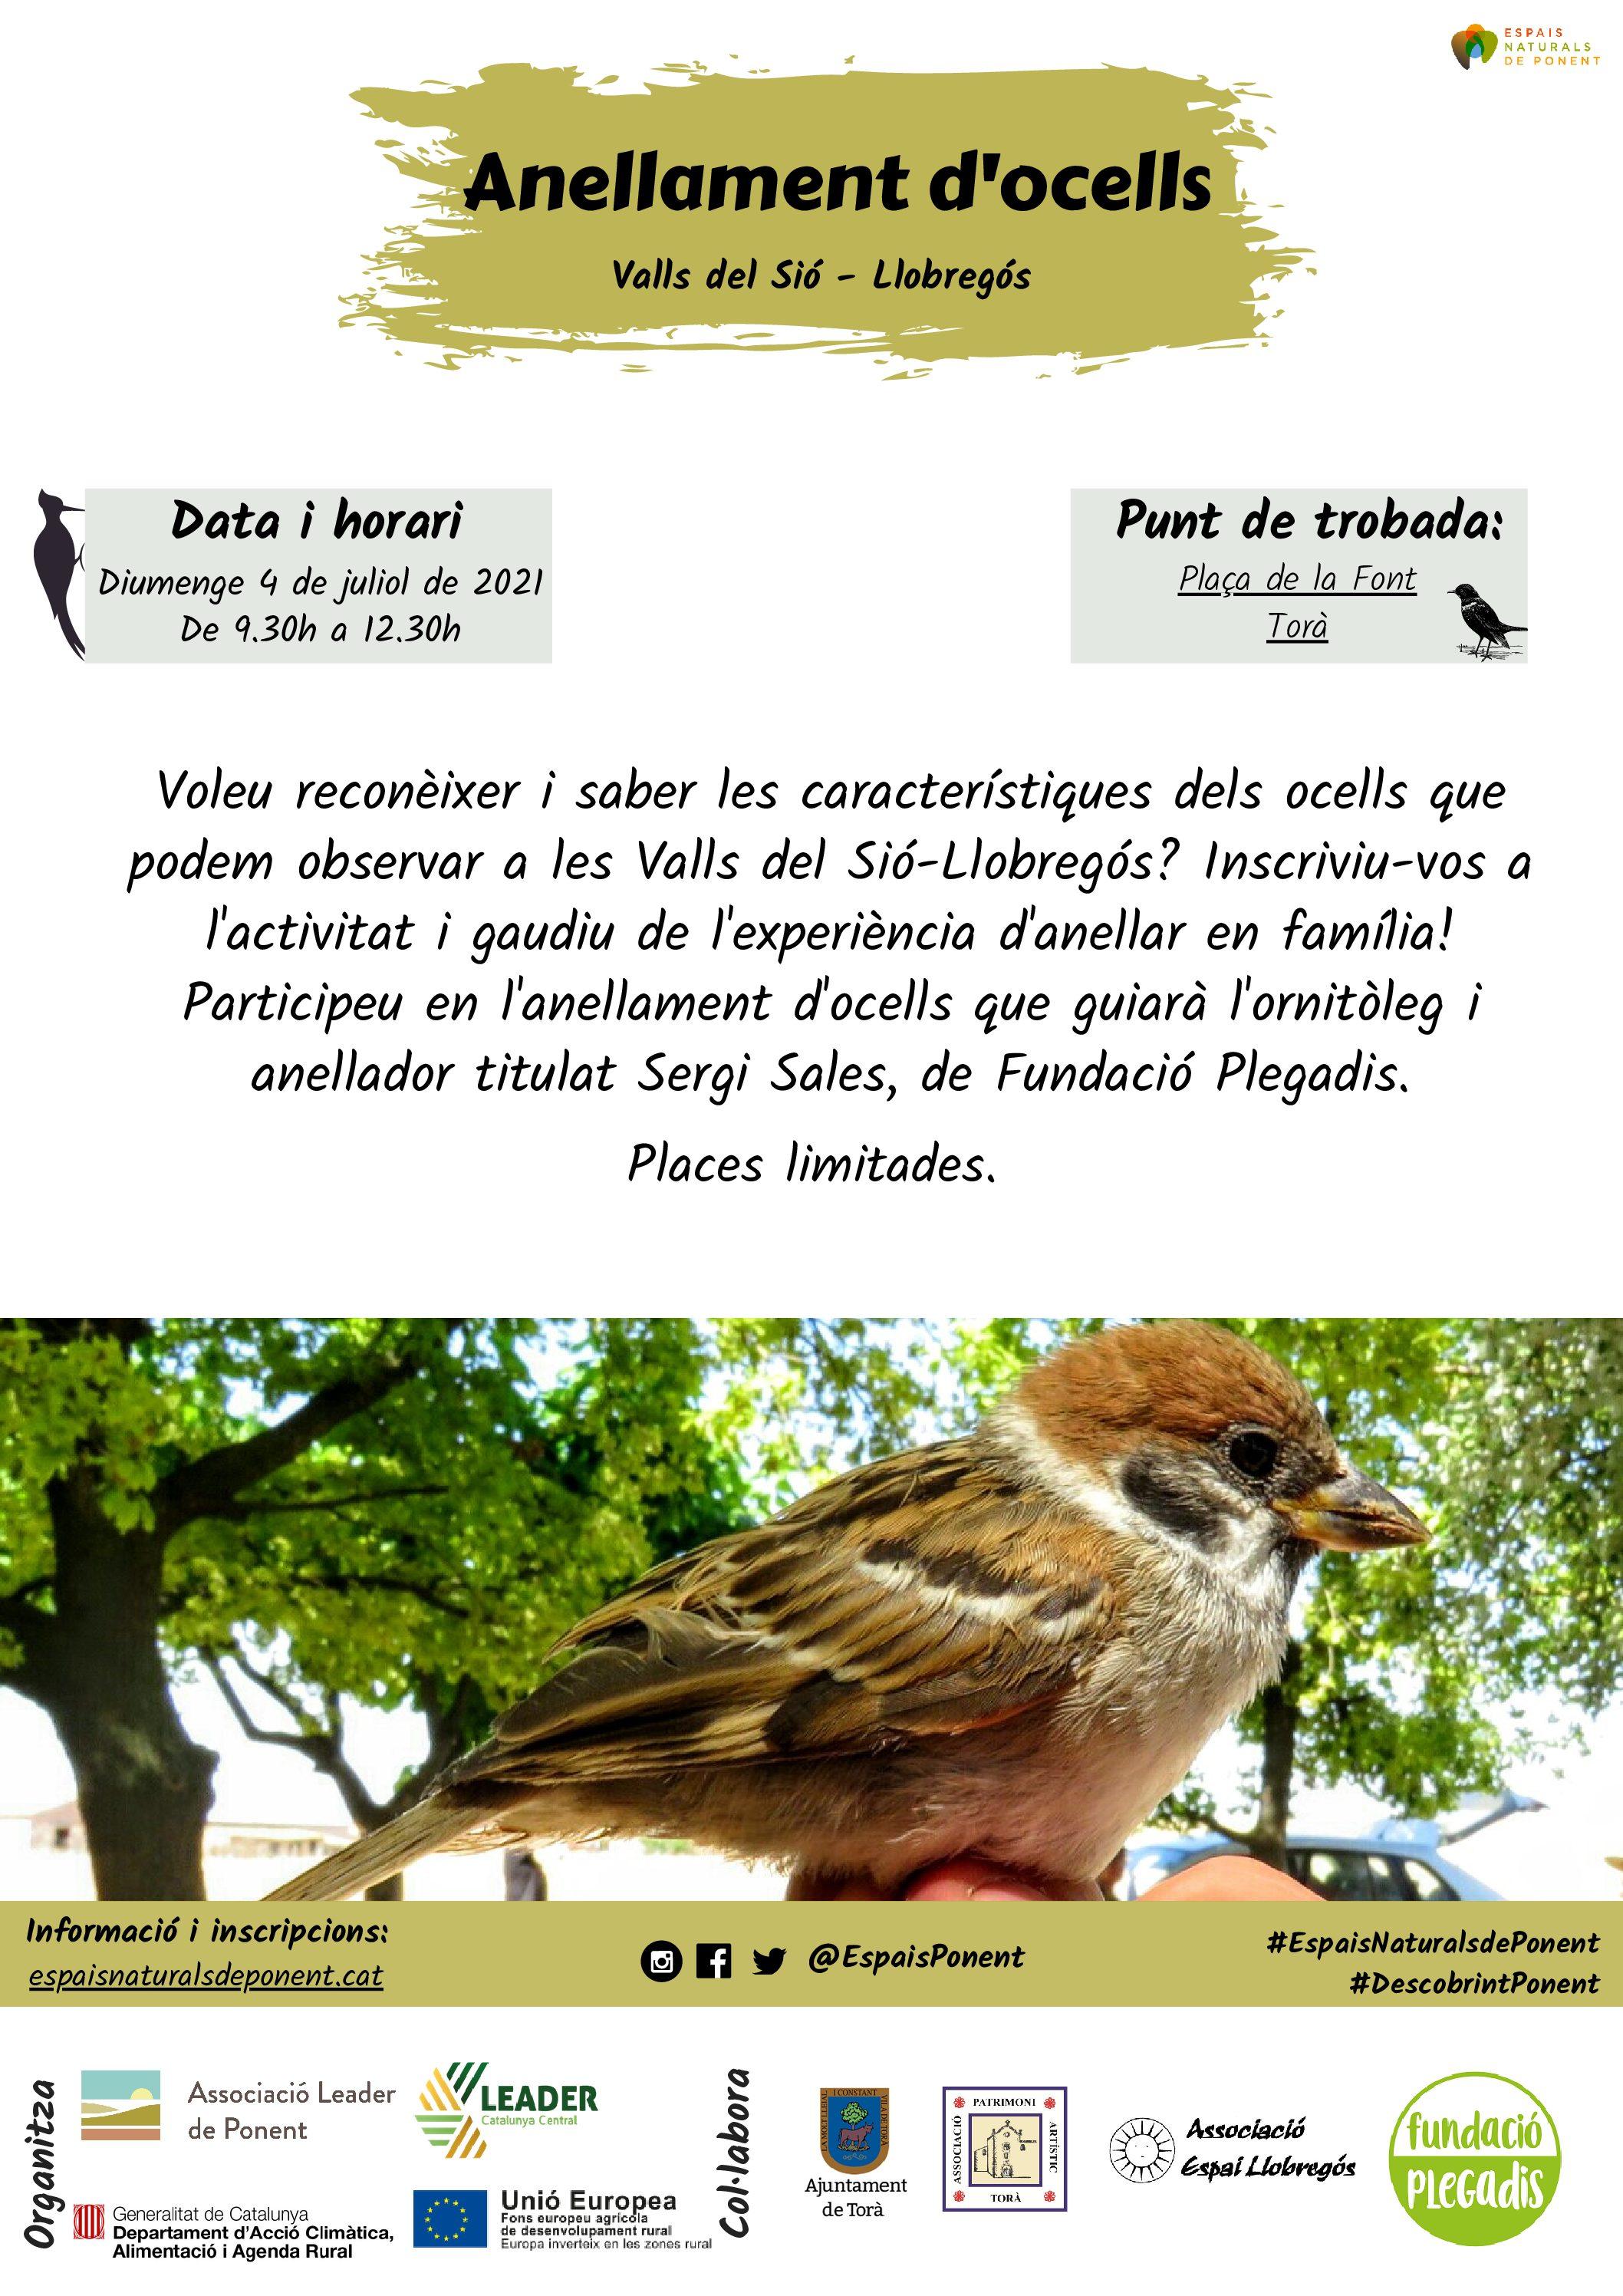 Anellament d'ocells a Torà- (Espai Valls de Sió-Llobregós)